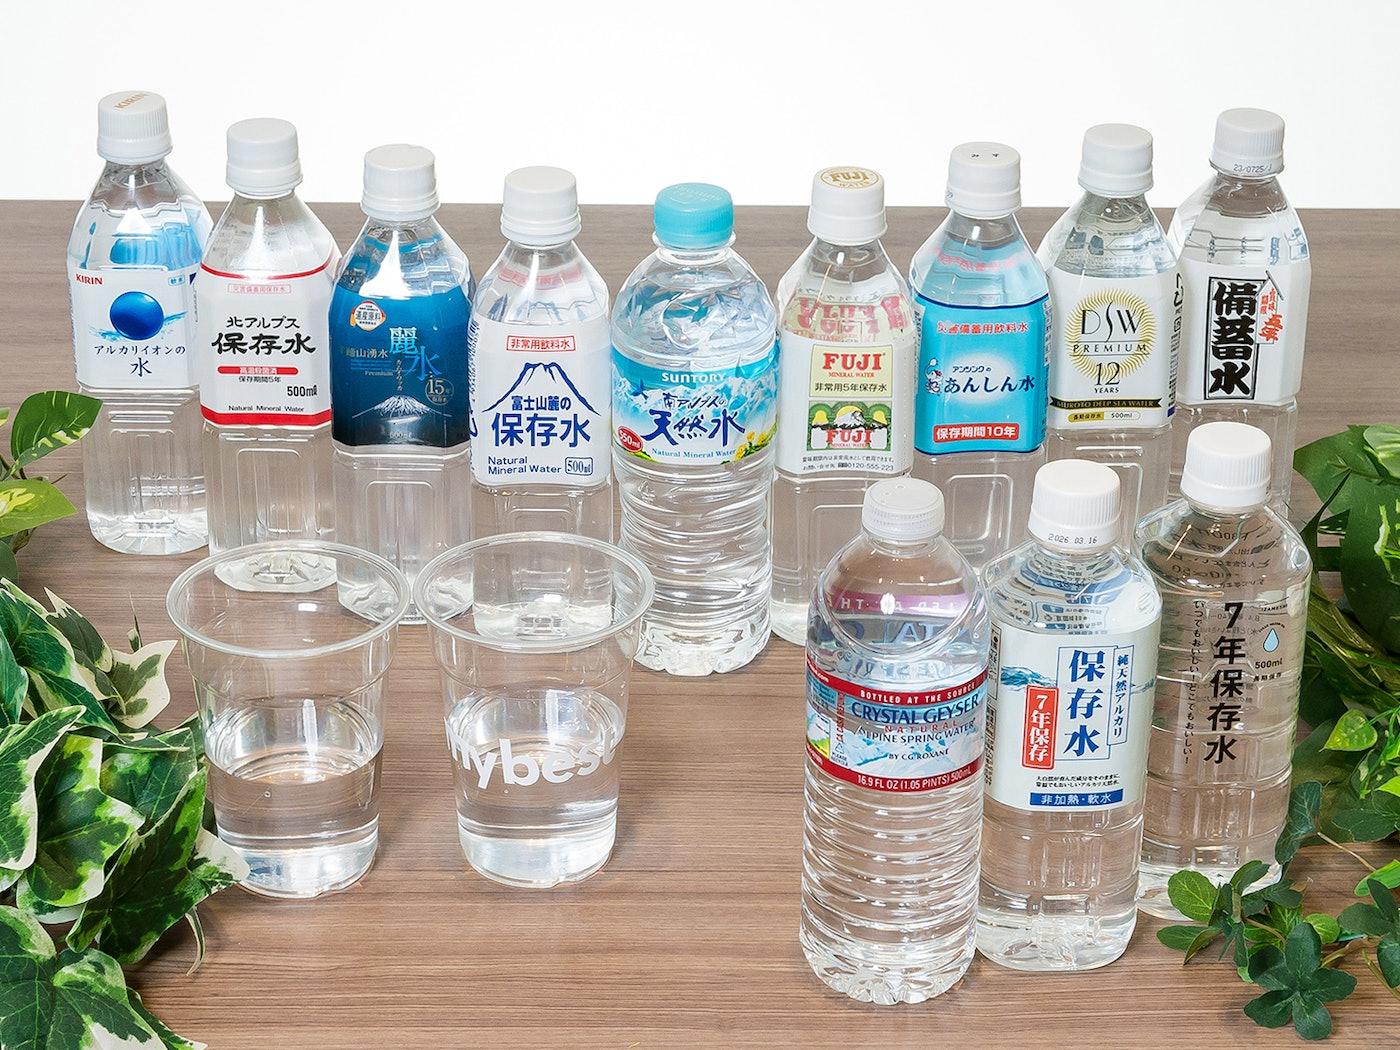 水 て 精製 ない 売っ